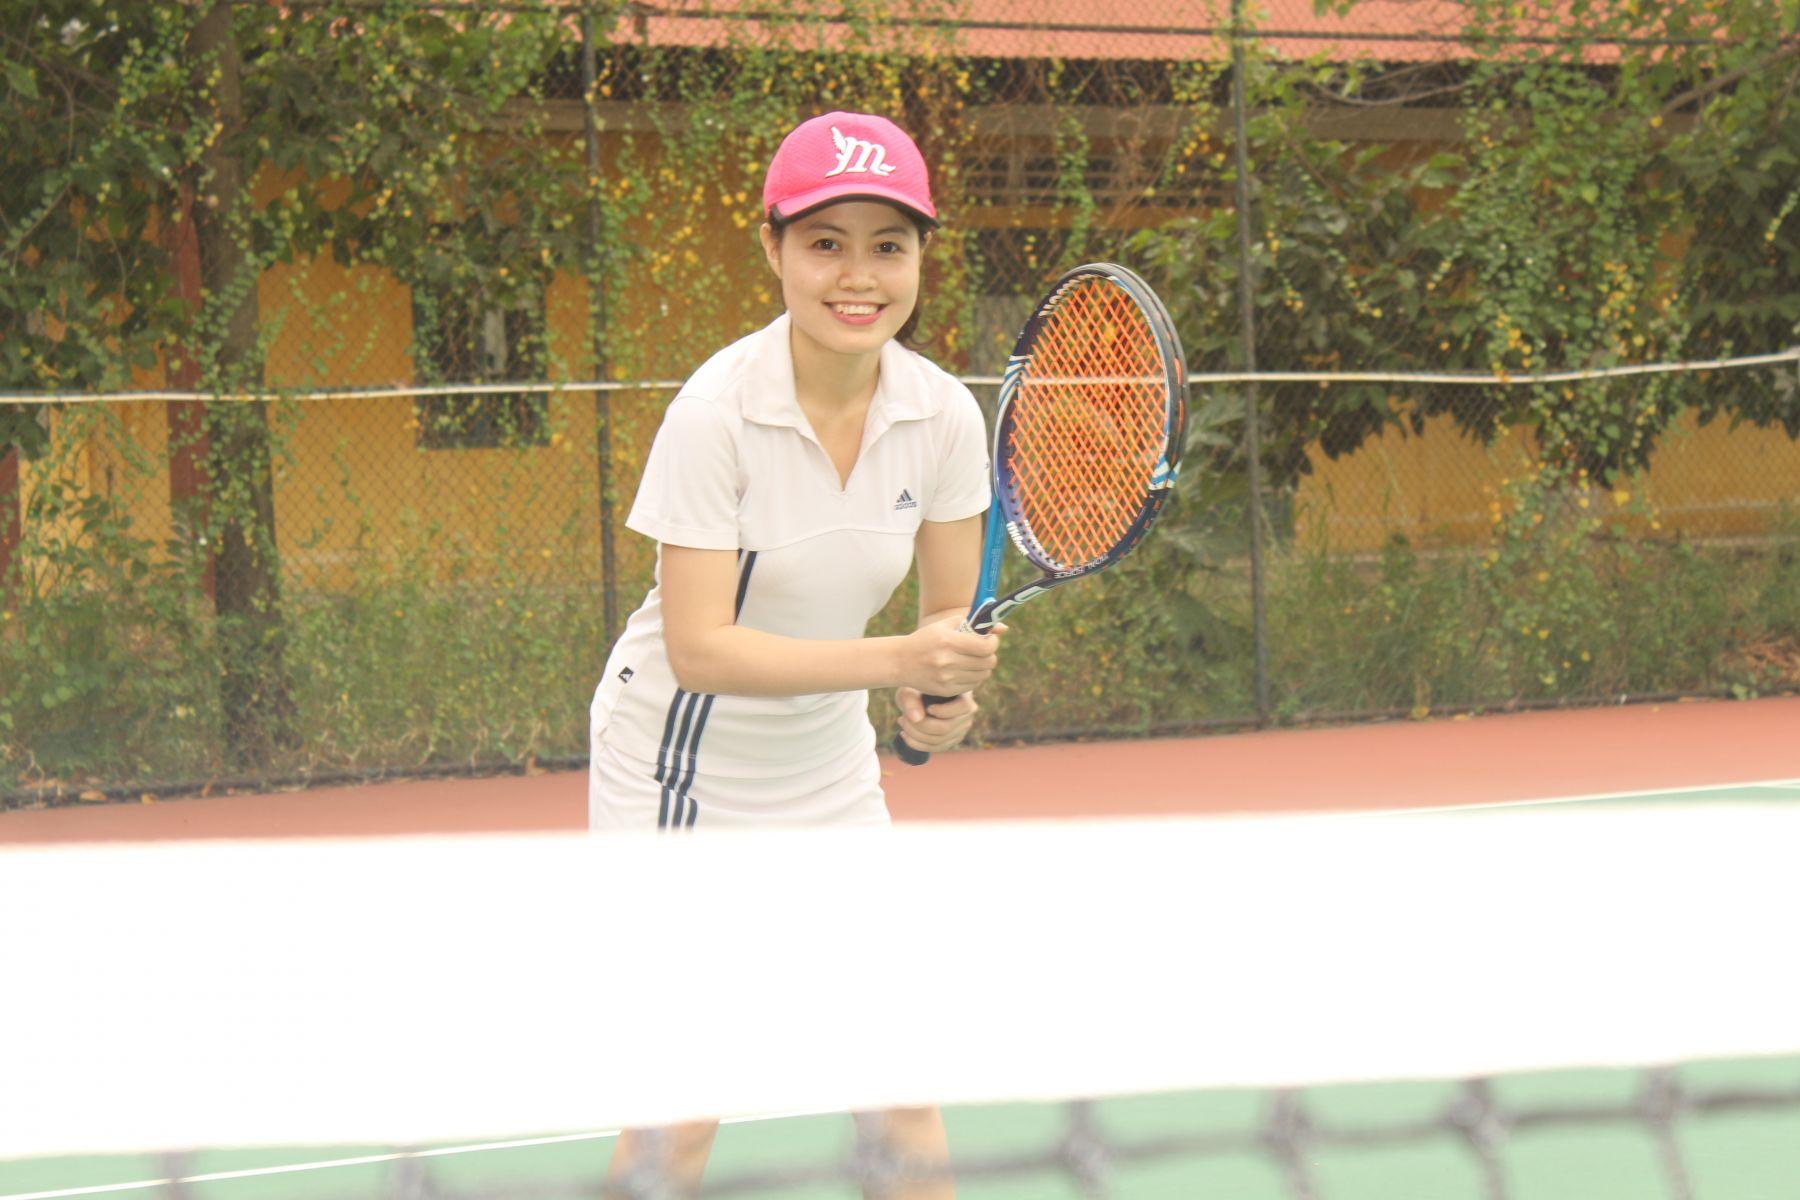 Học tennis tại quận Bình Tân tphcm